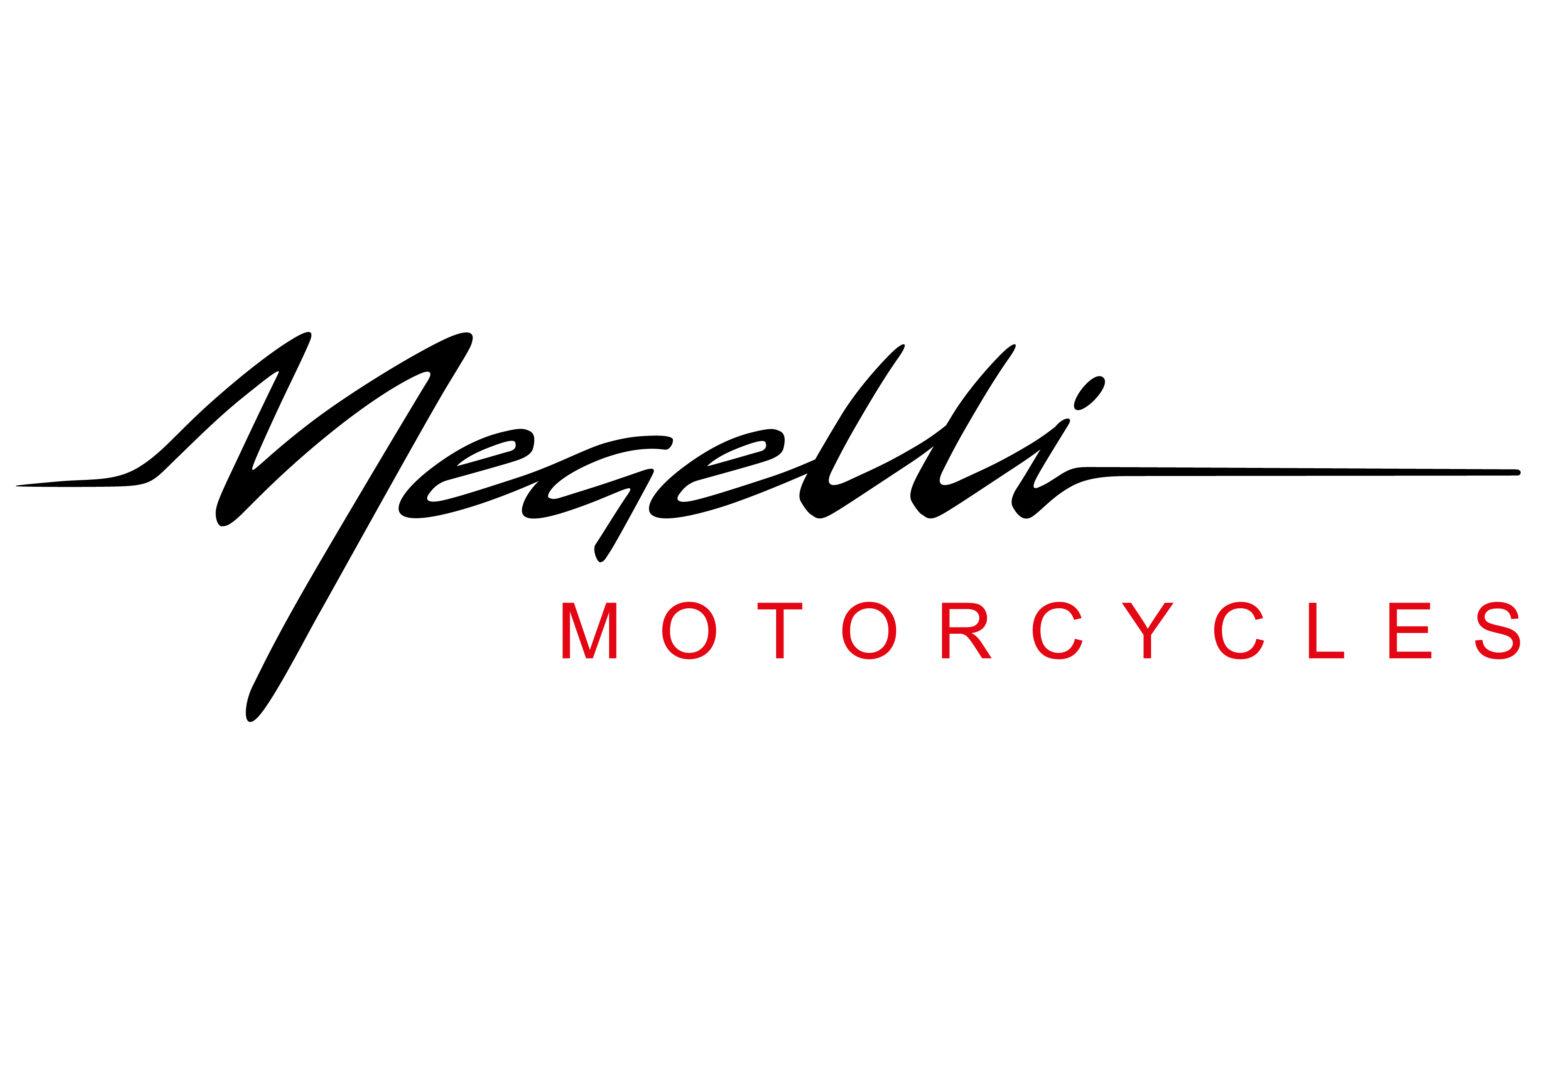 Megelli motorcycle logo